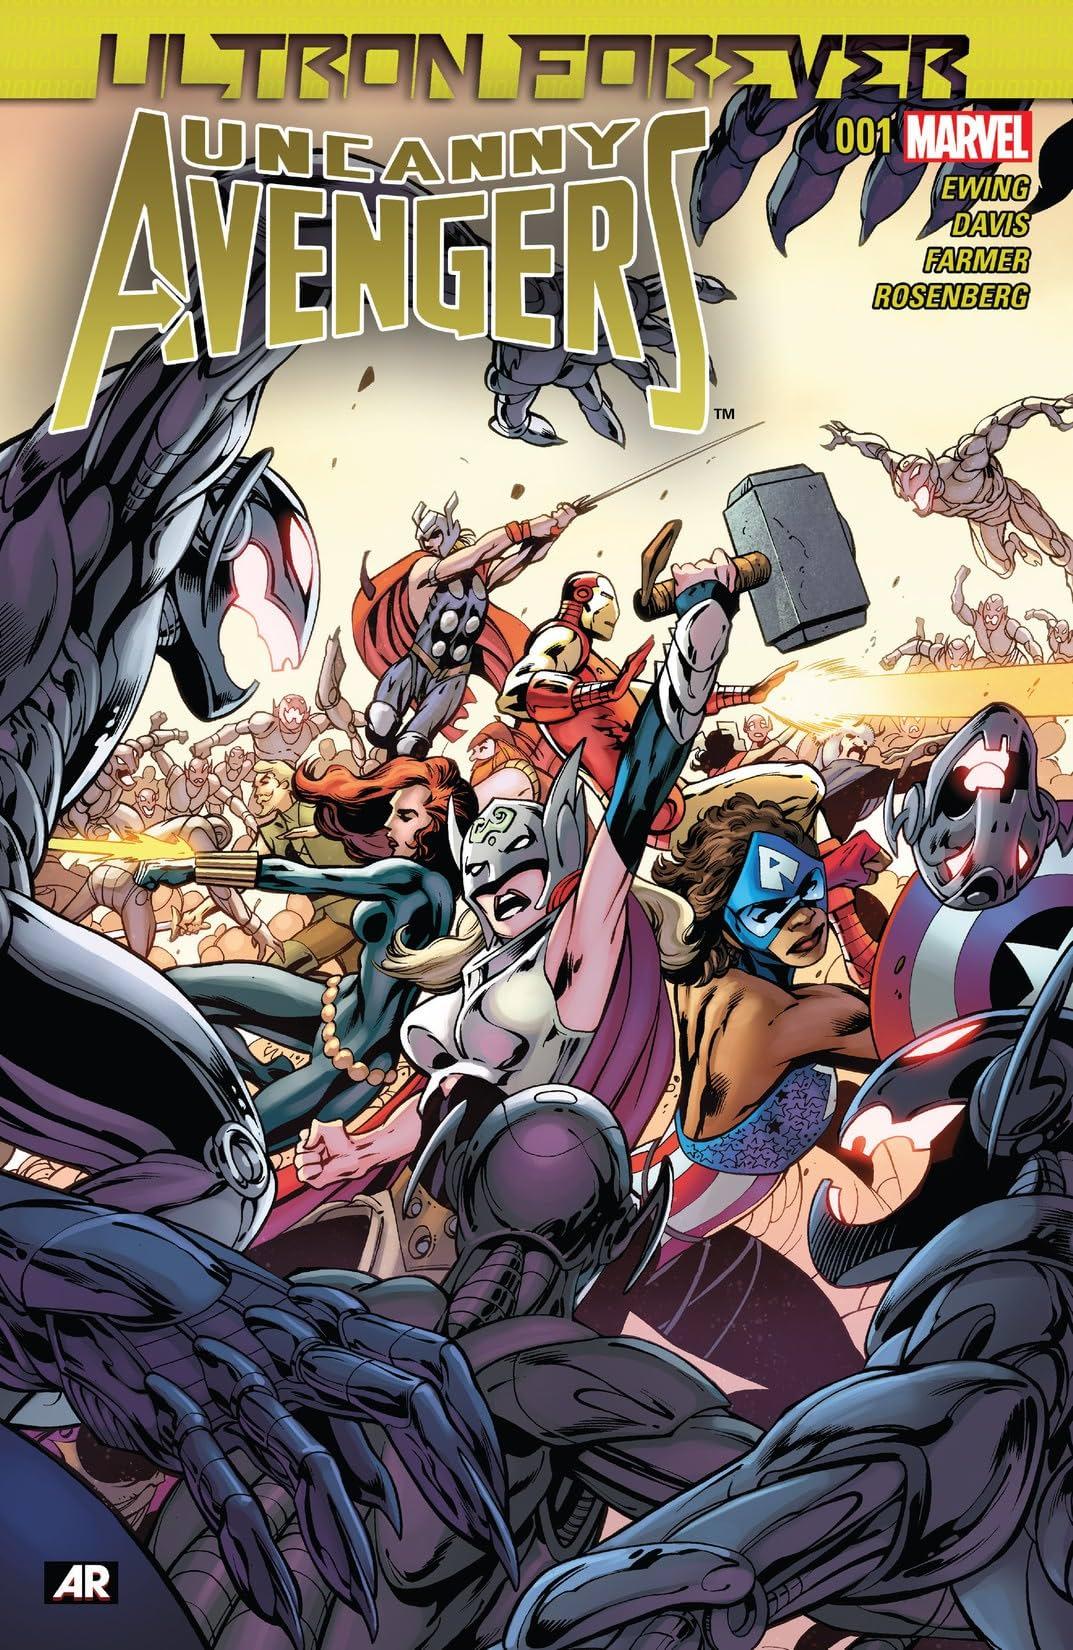 Uncanny Avengers: Ultron Forever #1